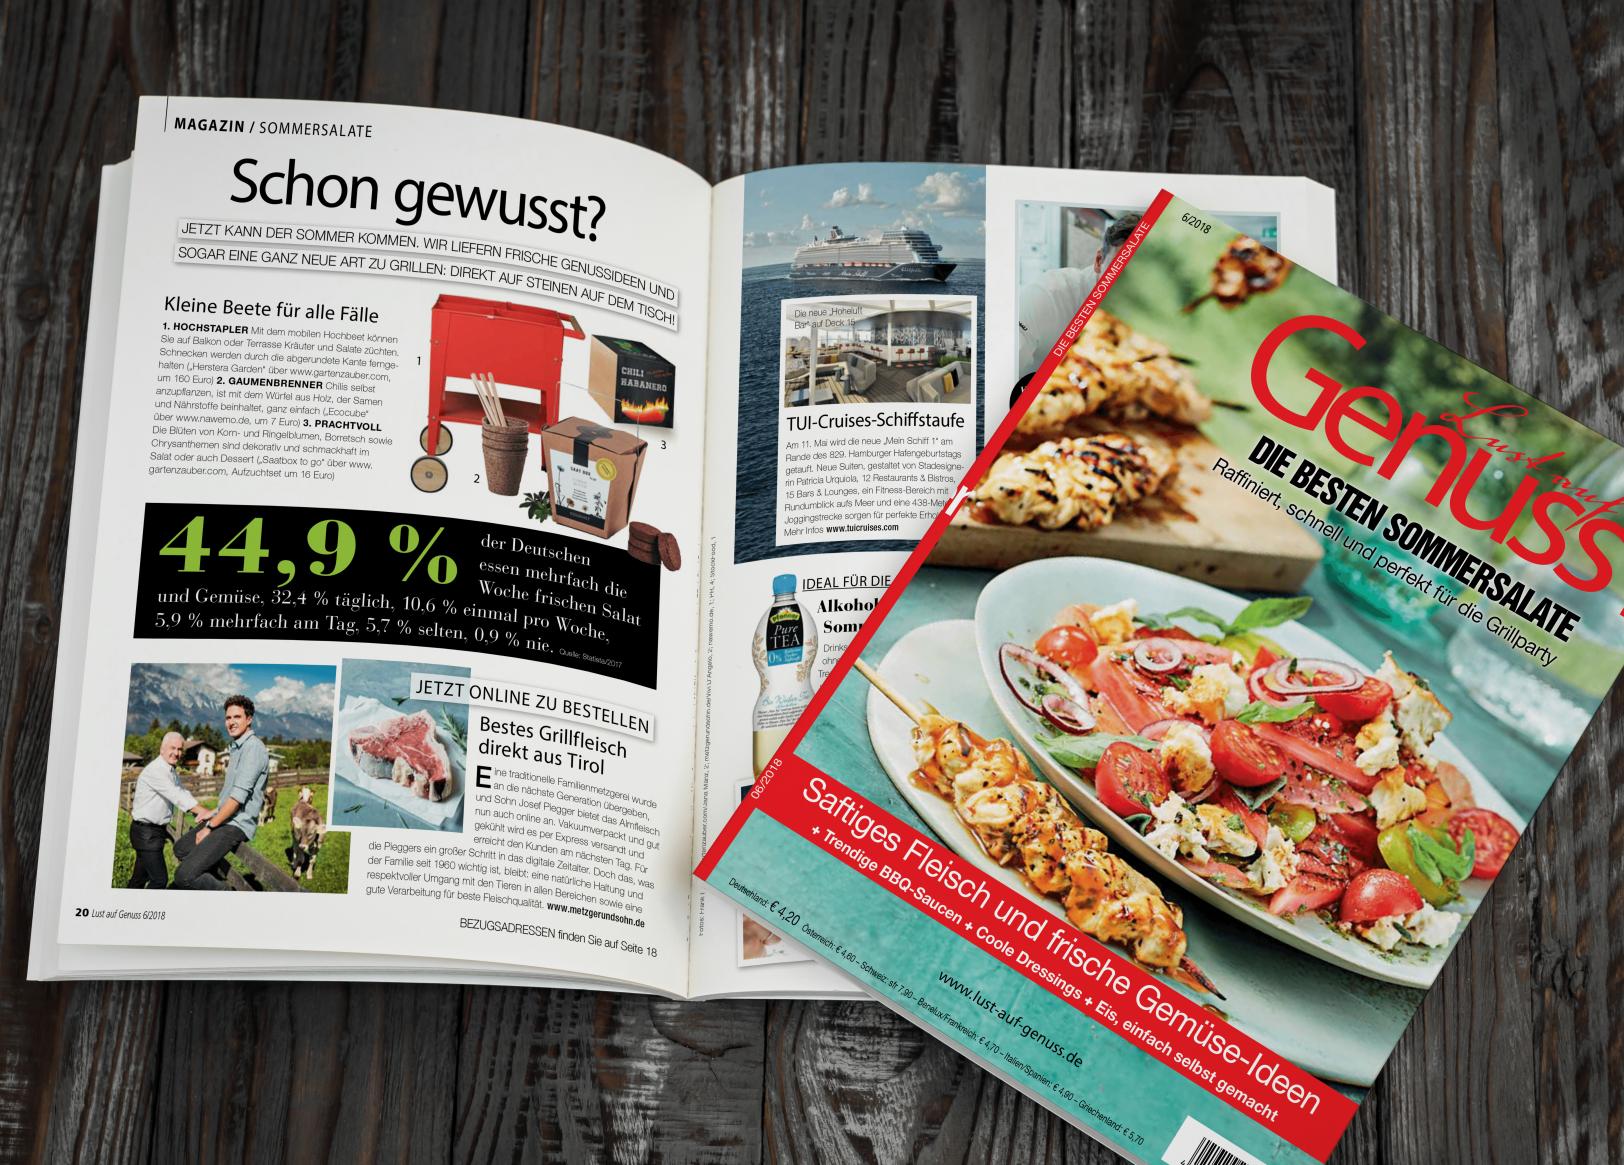 Bestes Grillfleisch aus Tirol - jetzt online zu bestellen